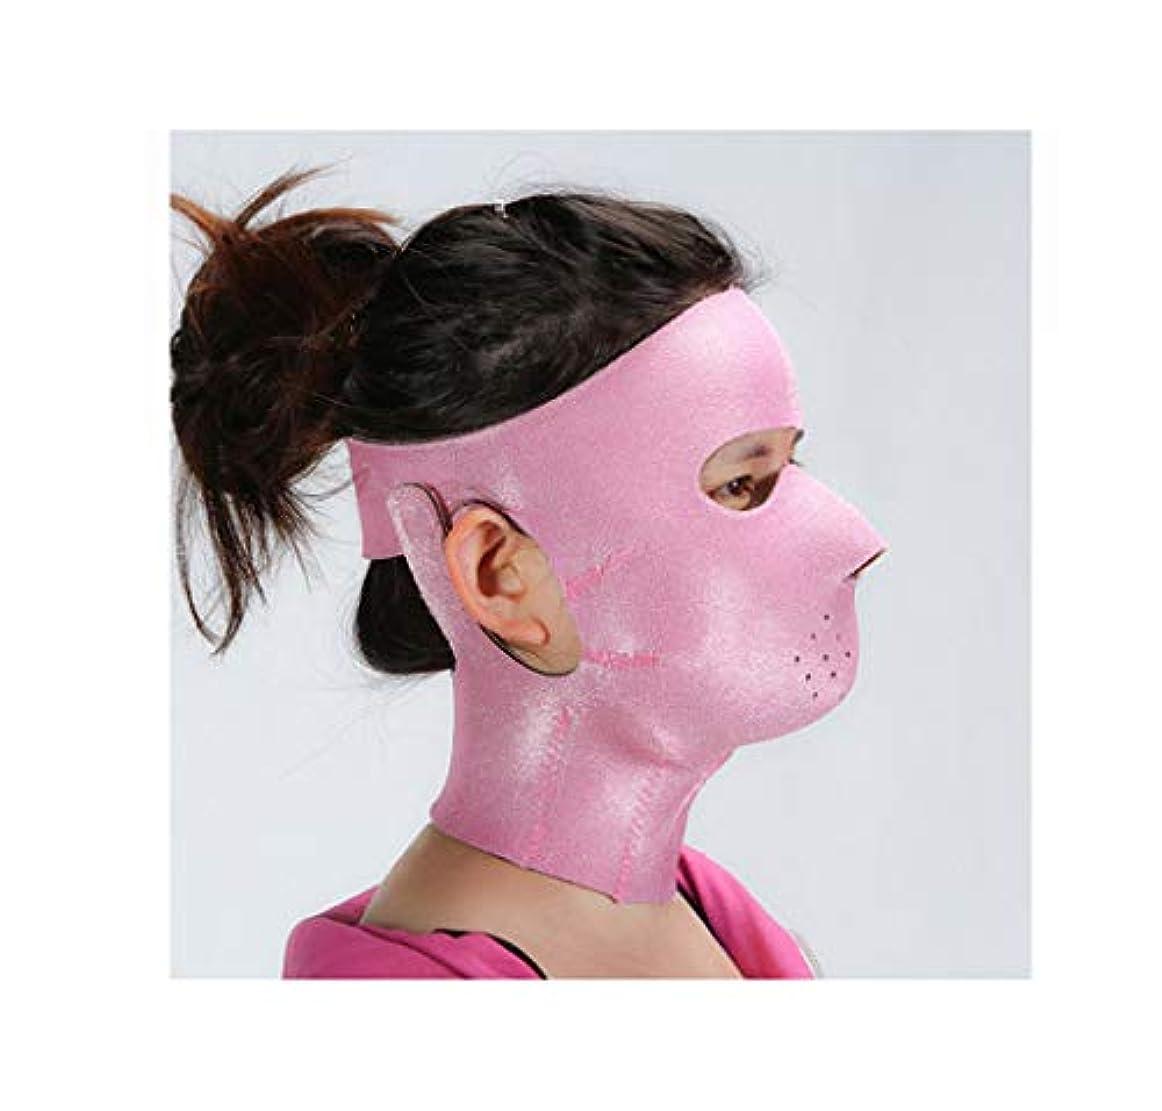 宣言八百屋さん加速するGLJJQMY 薄い顔マスクマスクプラス薄いマスク引き締めアンチエイジング薄いマスク顔の薄い顔マスクアーティファクト美容ネックバンド 顔用整形マスク